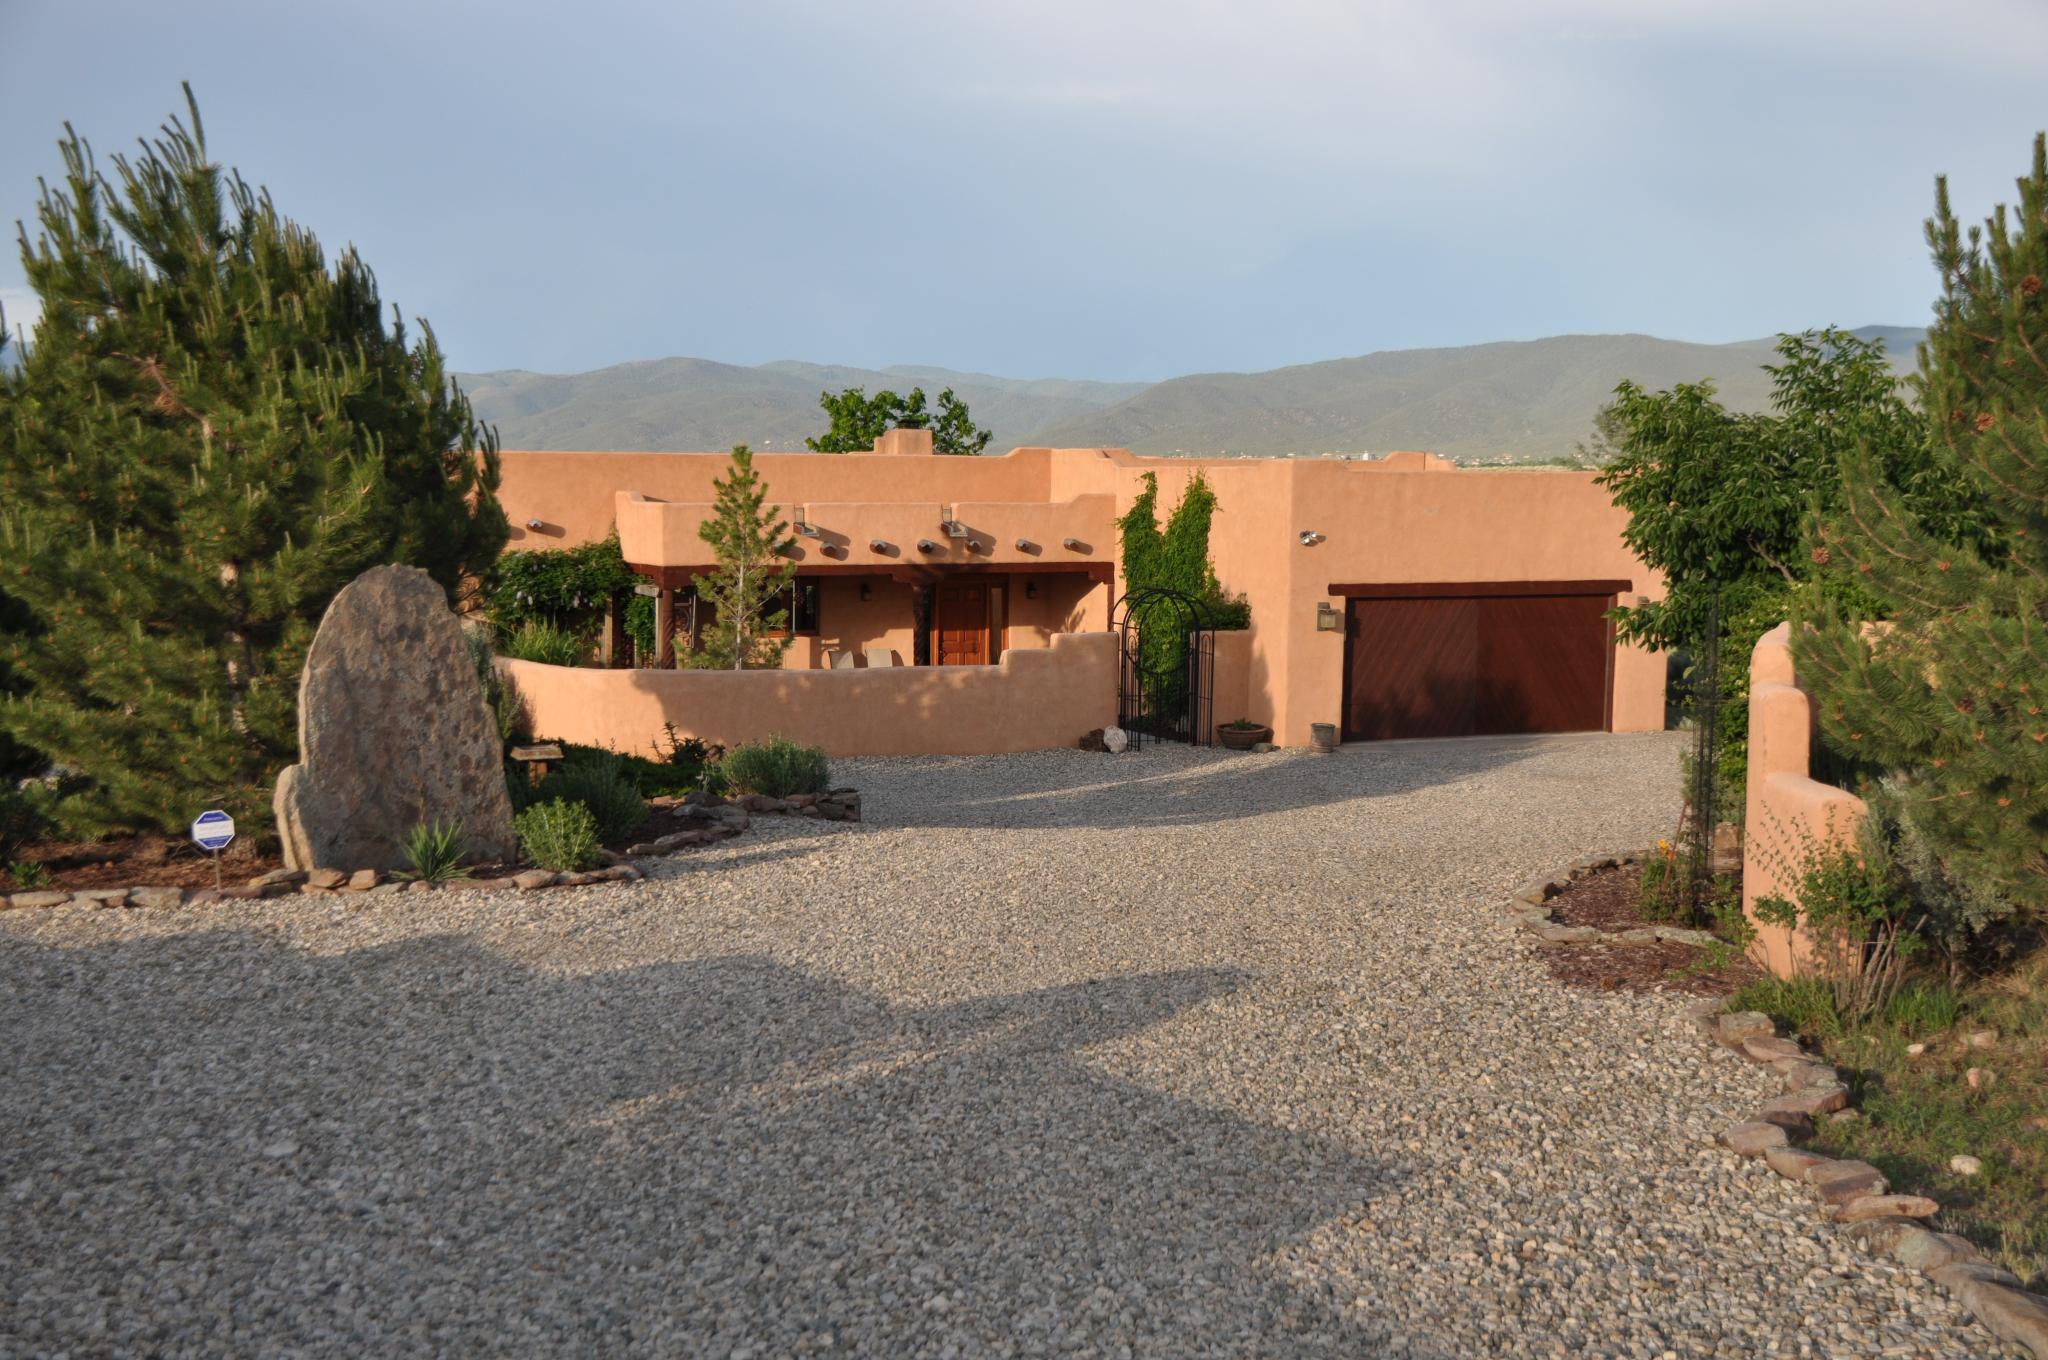 New mexico taos county llano - 357 Los Cordovas Rd